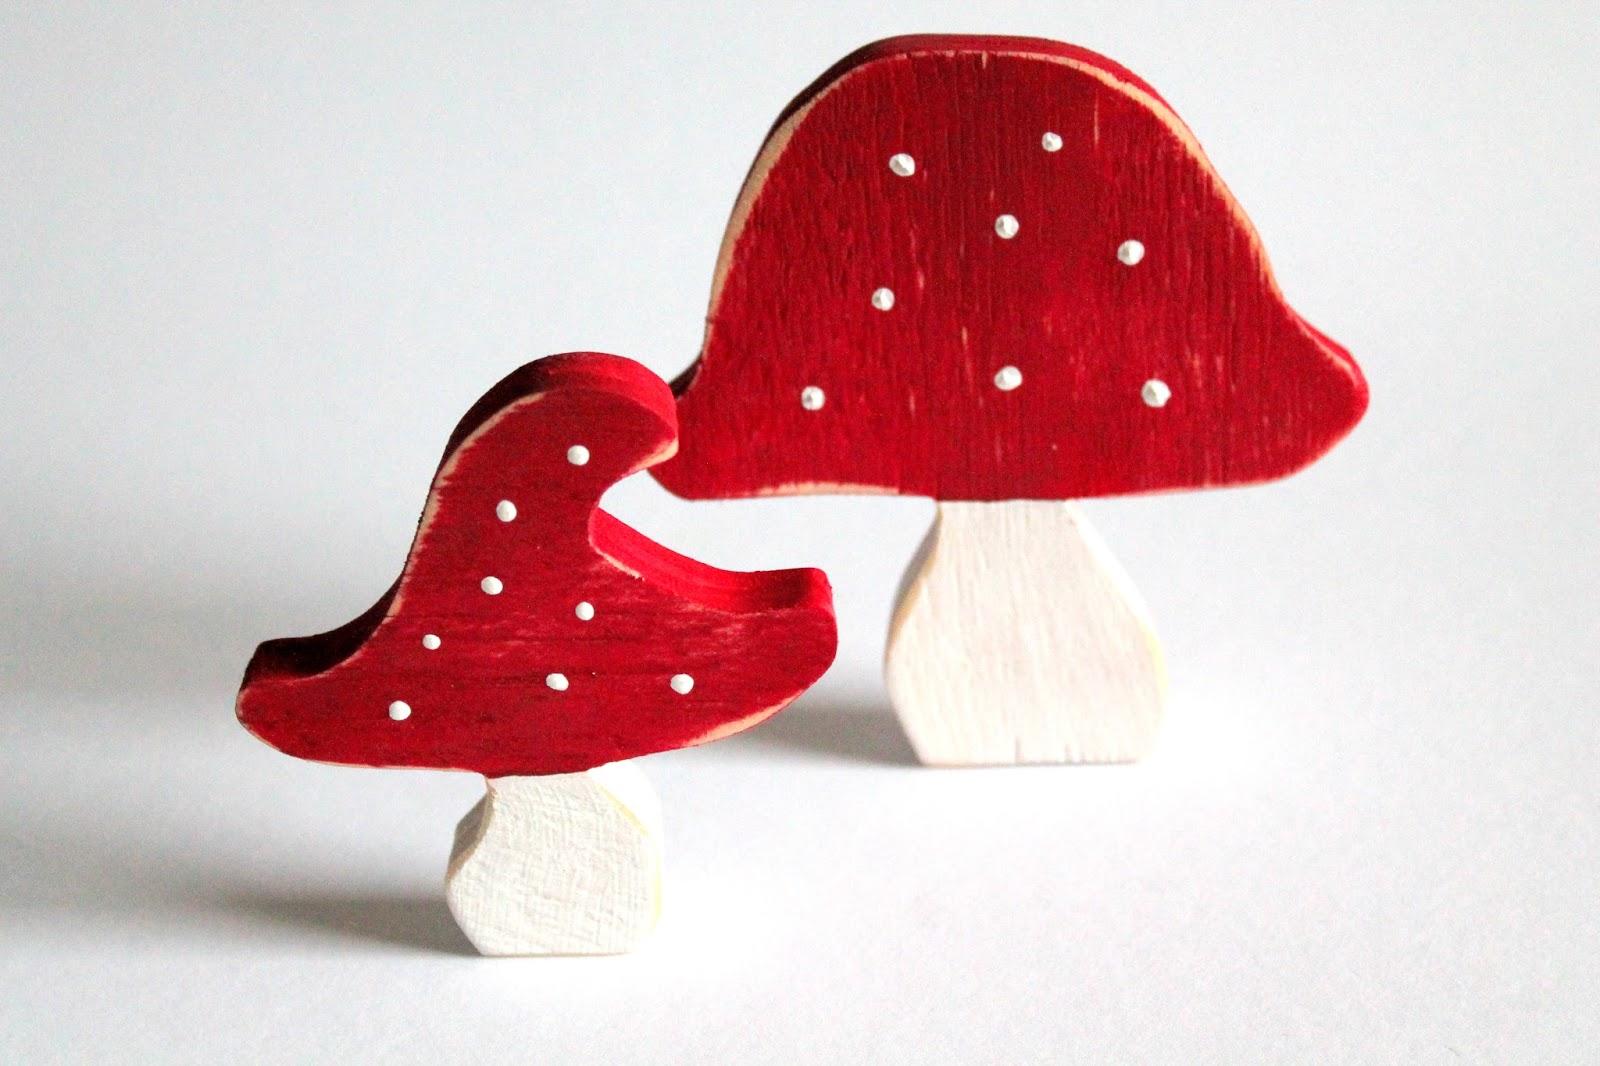 DIY, Basteln: Fliegenpilze Shabby Chic aus Holz als Herbstdekoration und Wohndekoration - DIYCarinchen